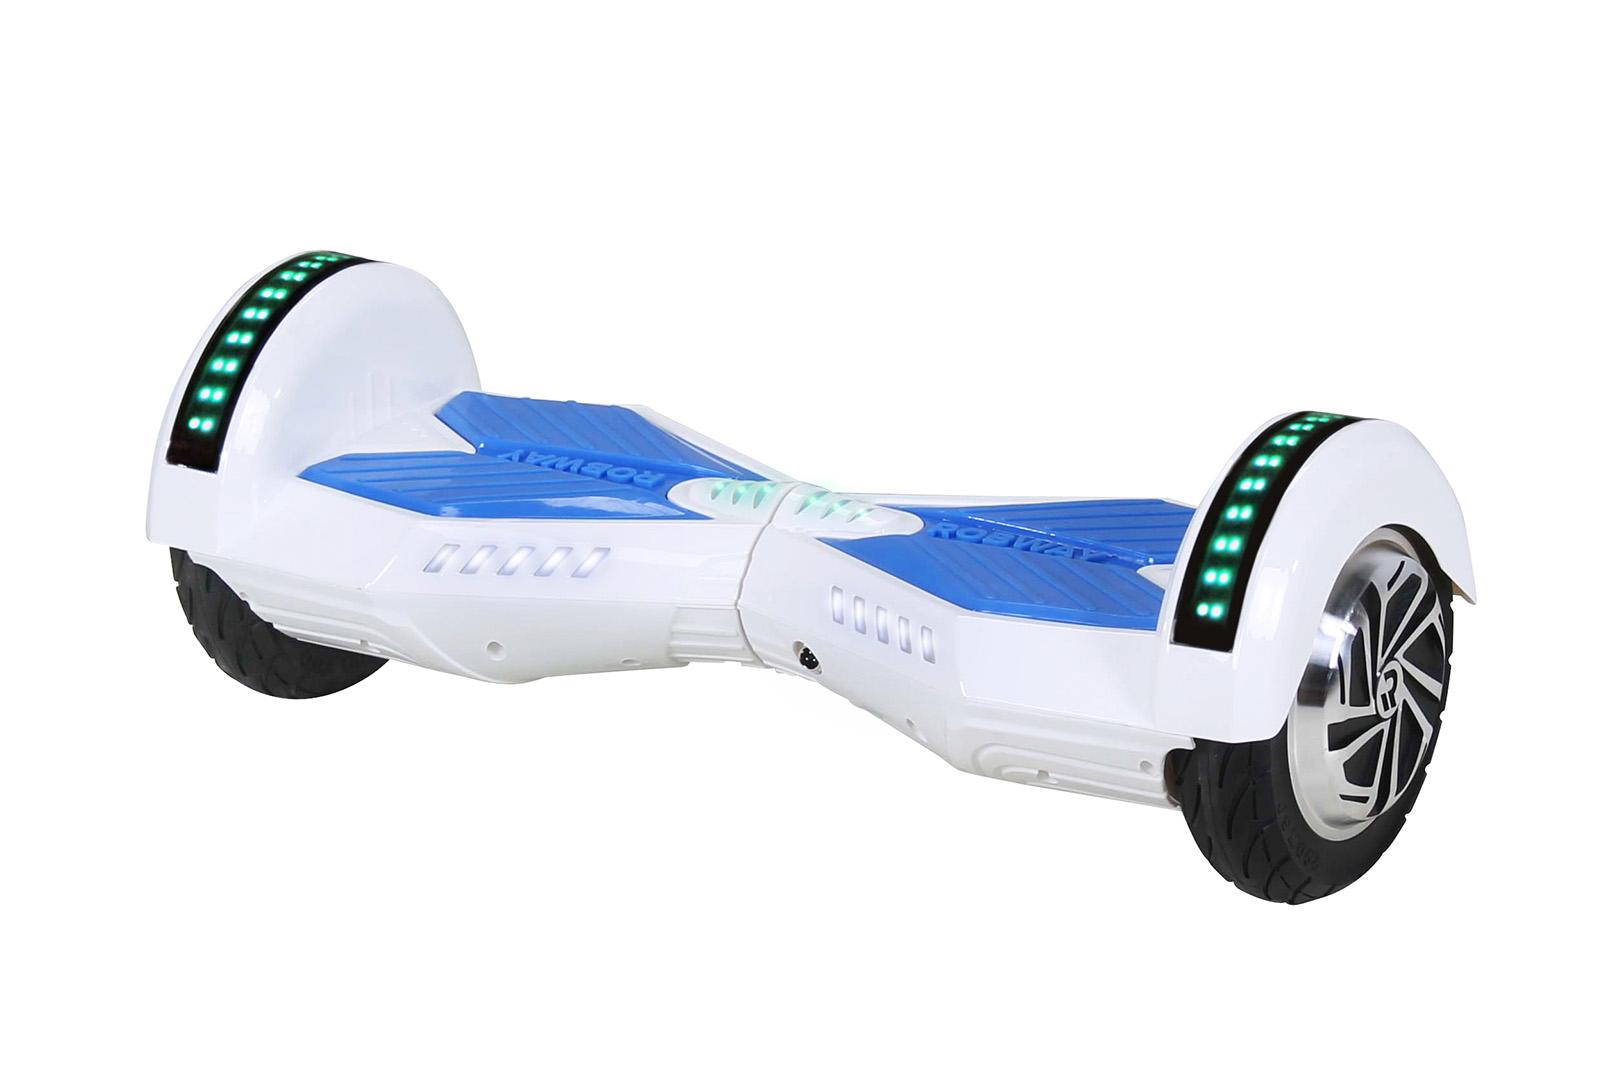 robway w2 der testsieger self balancing scooter. Black Bedroom Furniture Sets. Home Design Ideas